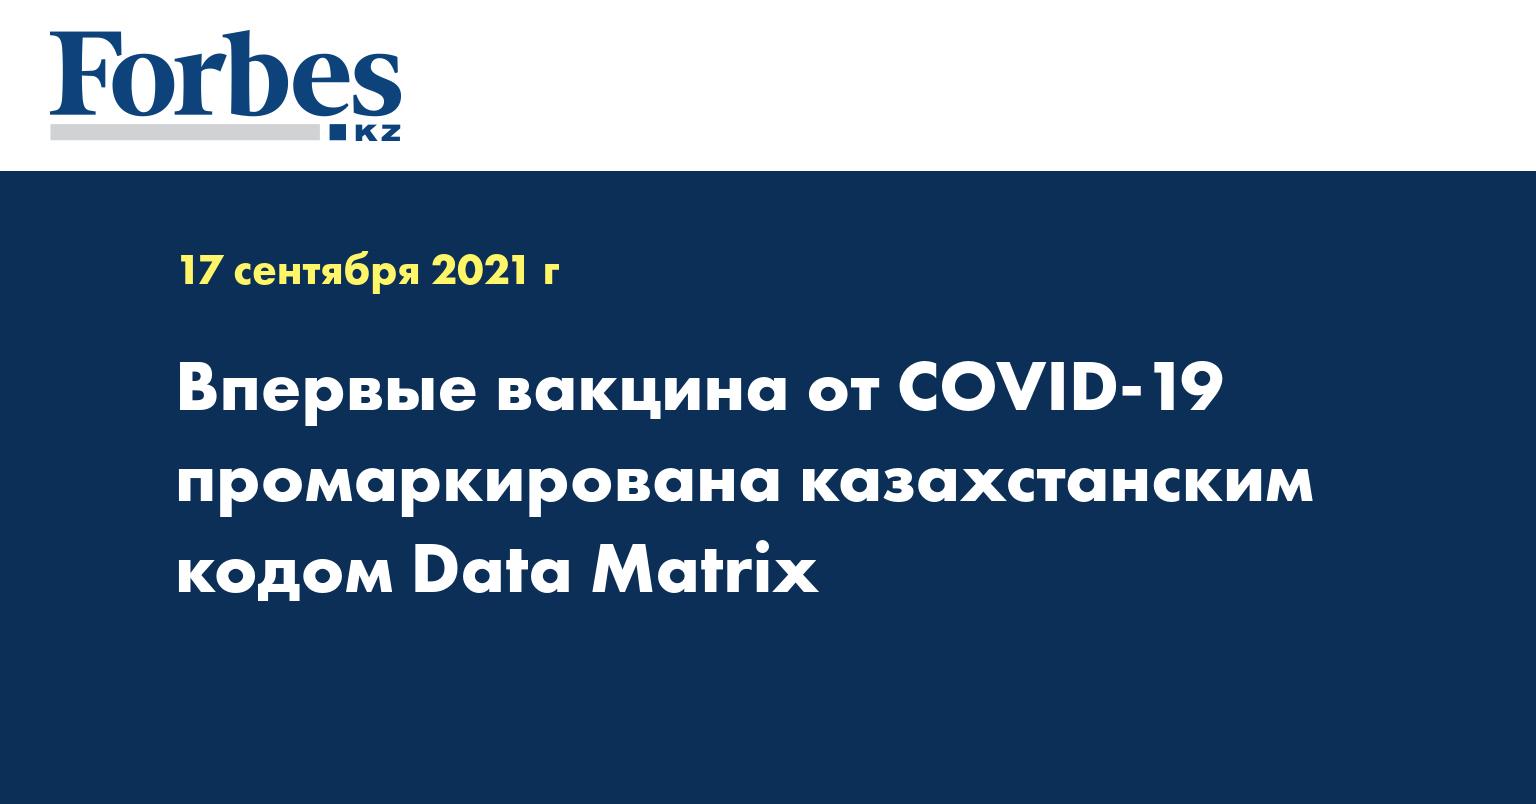 Впервые вакцина от COVID-19 промаркирована казахстанским кодом Data Matrix